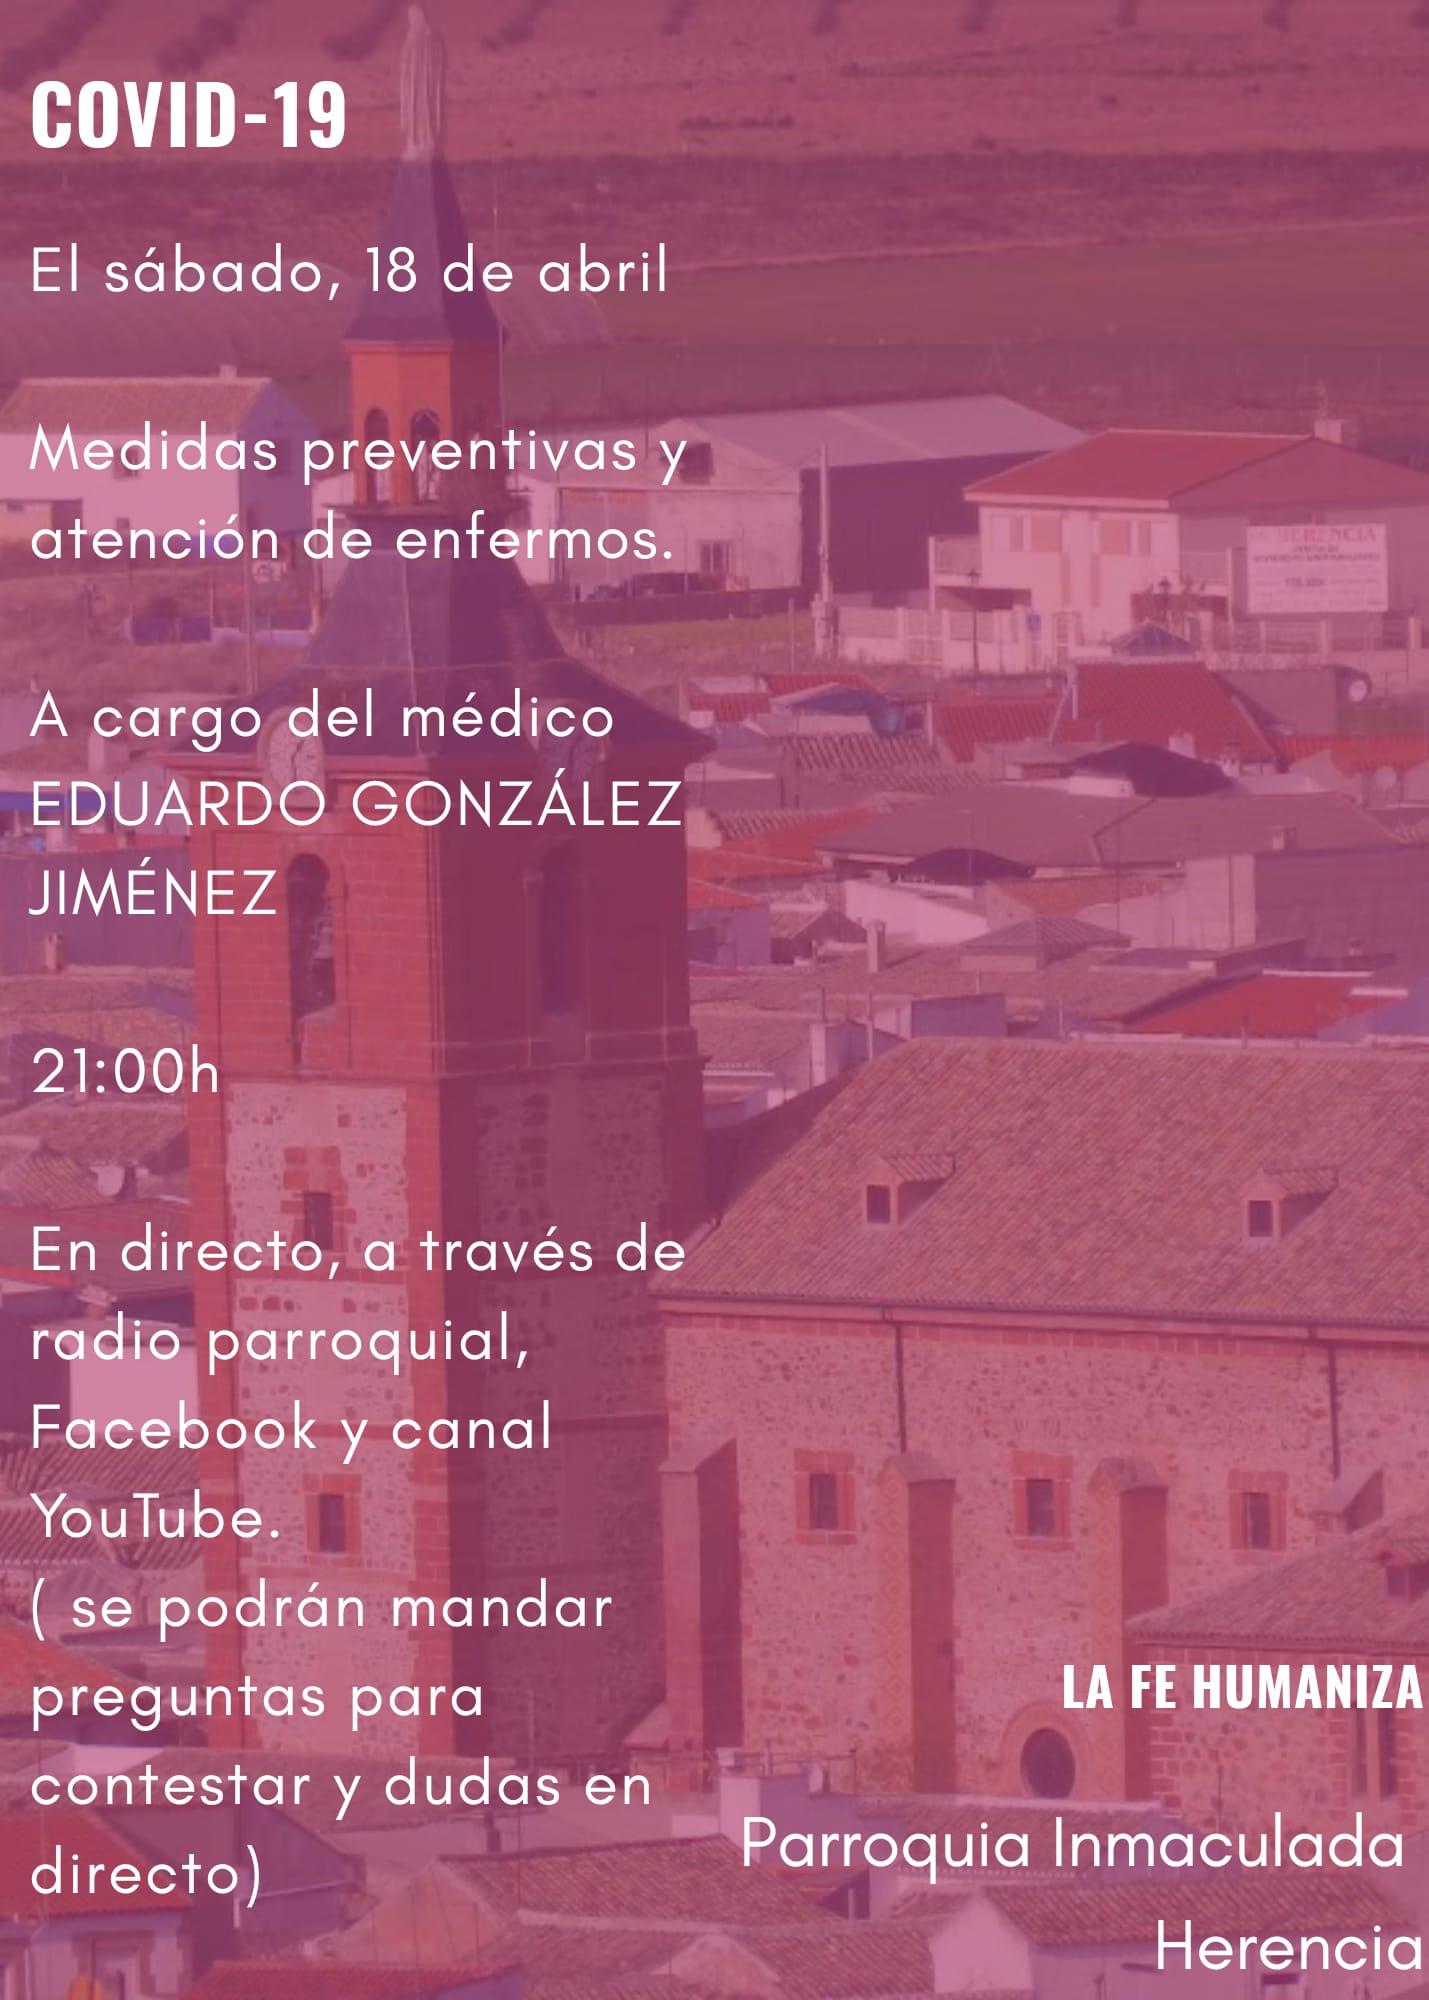 Charla sobre medidas preventivas y atención a enfermos de COVID-19 a cargo del médico Eduardo González 3